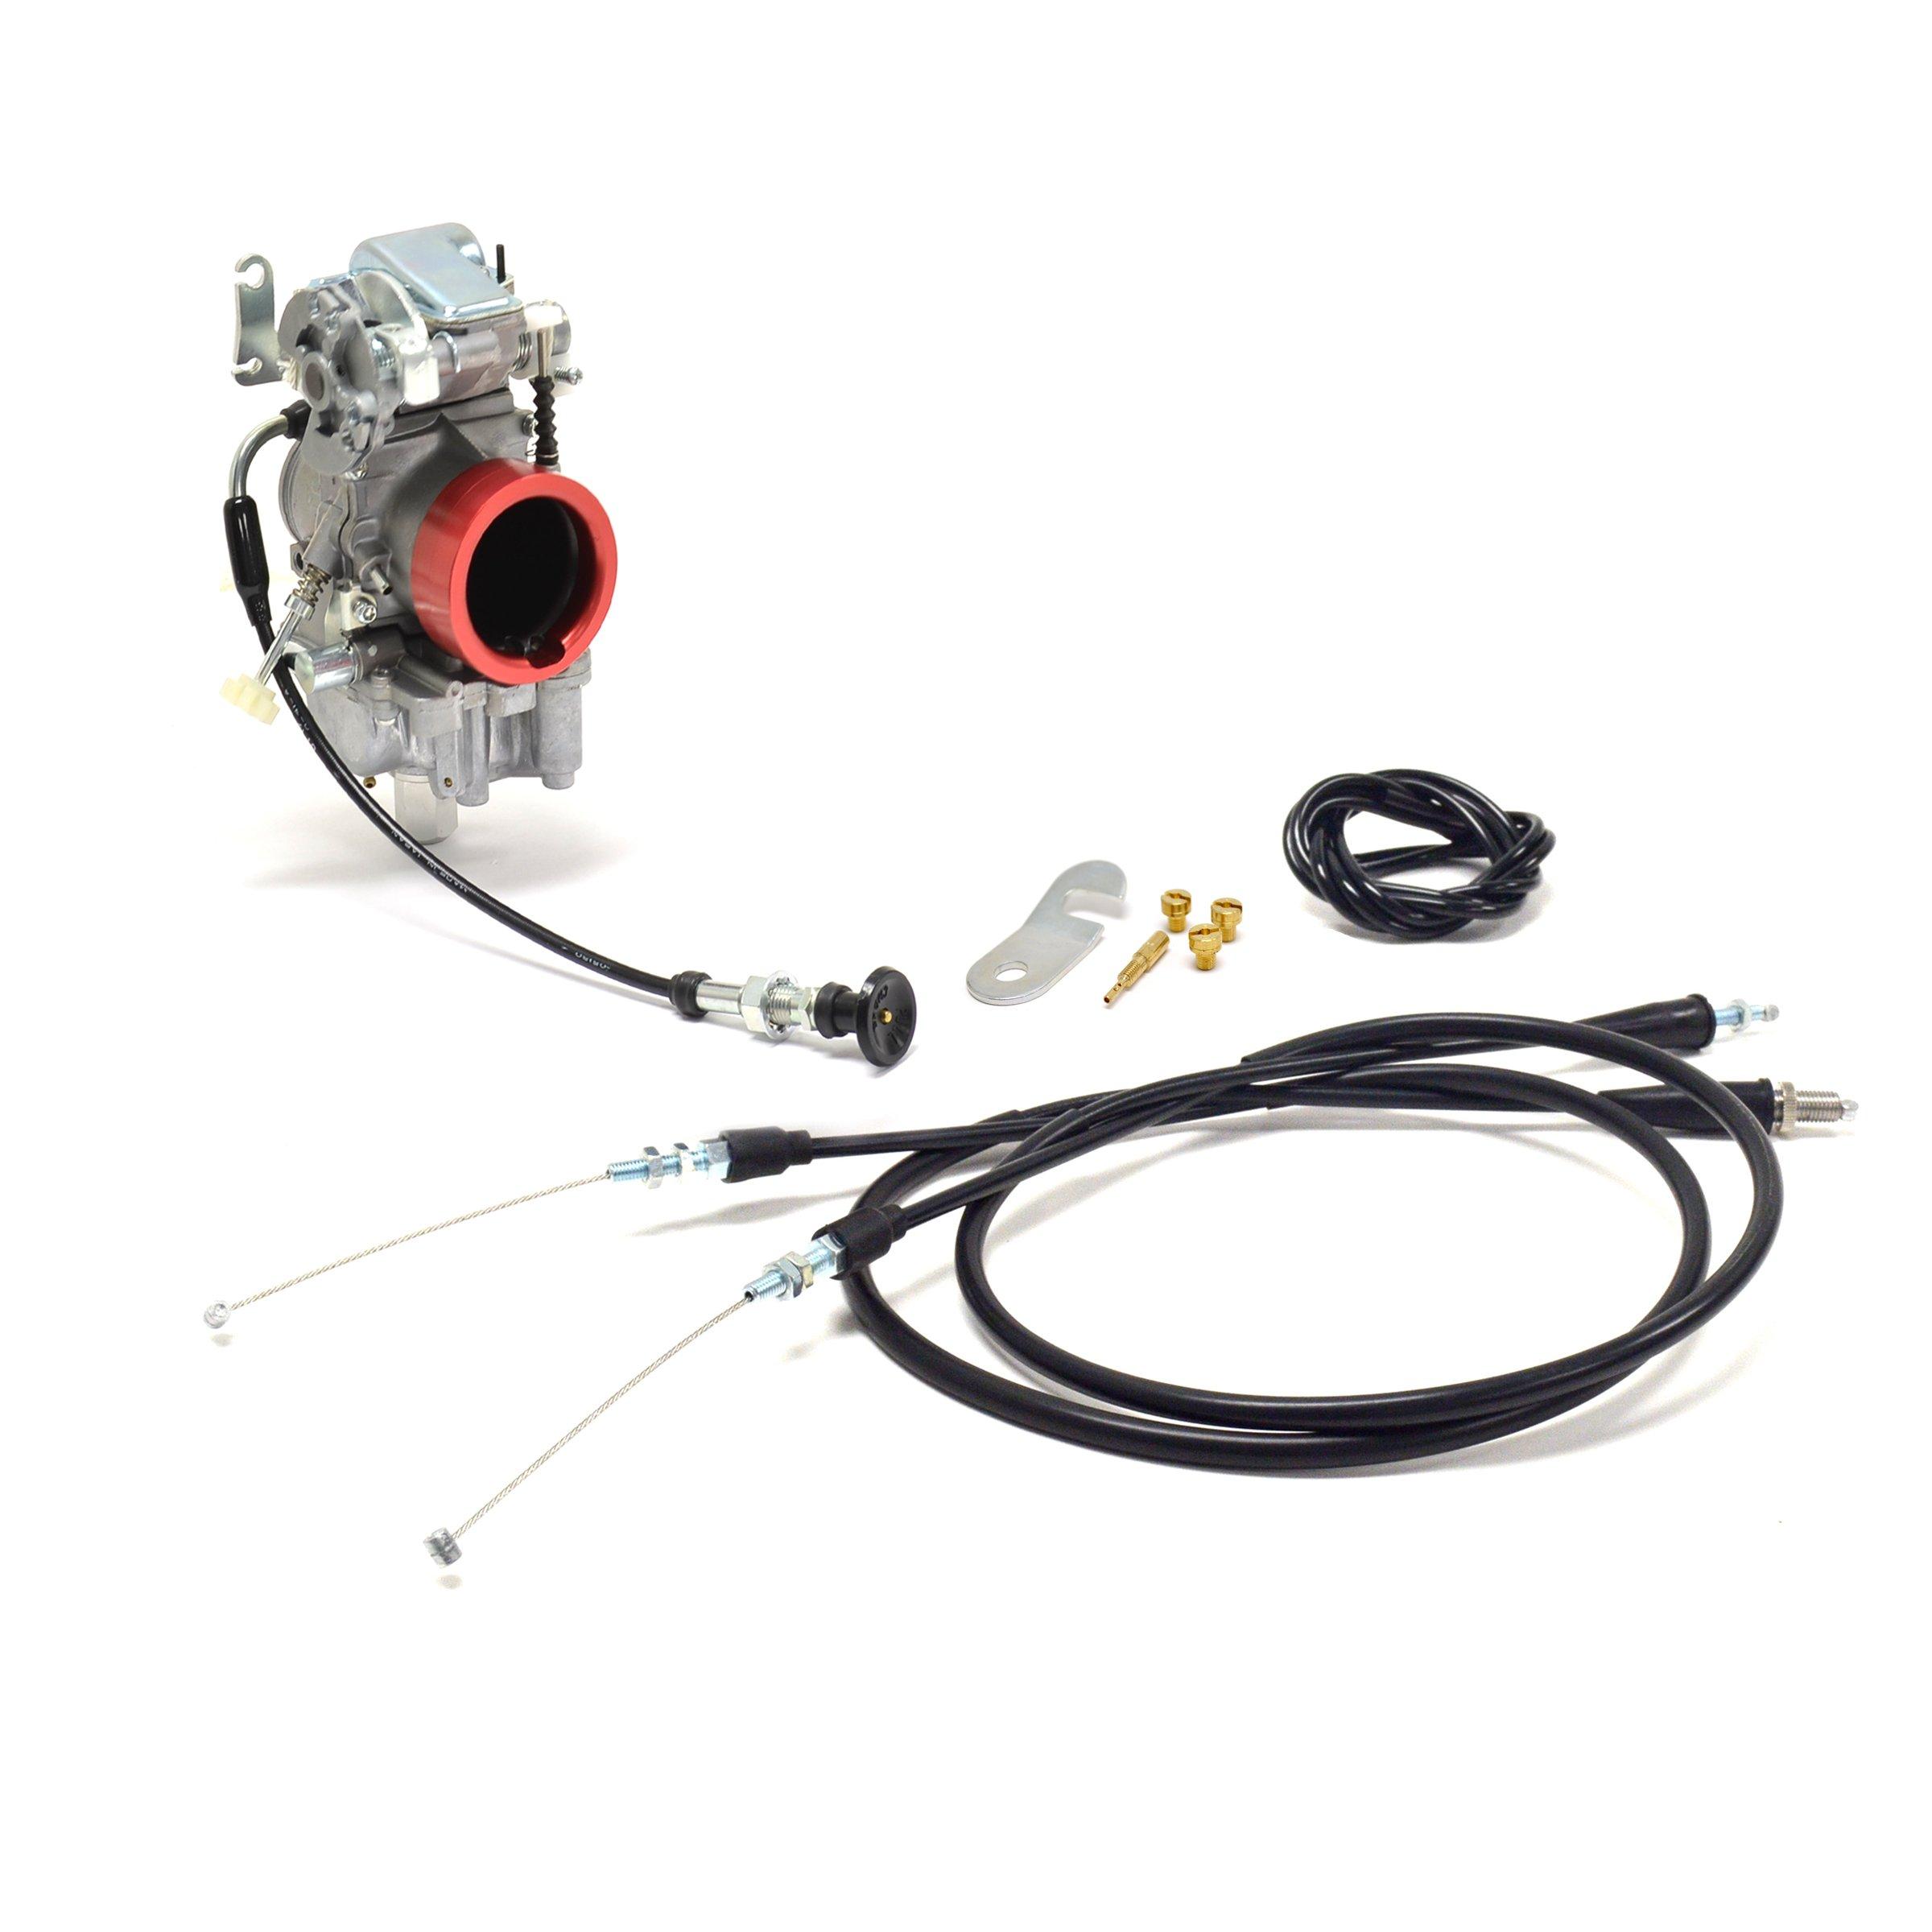 Honda XR400 R Mikuni TM36-68 Pumper Performance Carburetor Kit Remote Choke NCS240 by Niche Cycle Supply